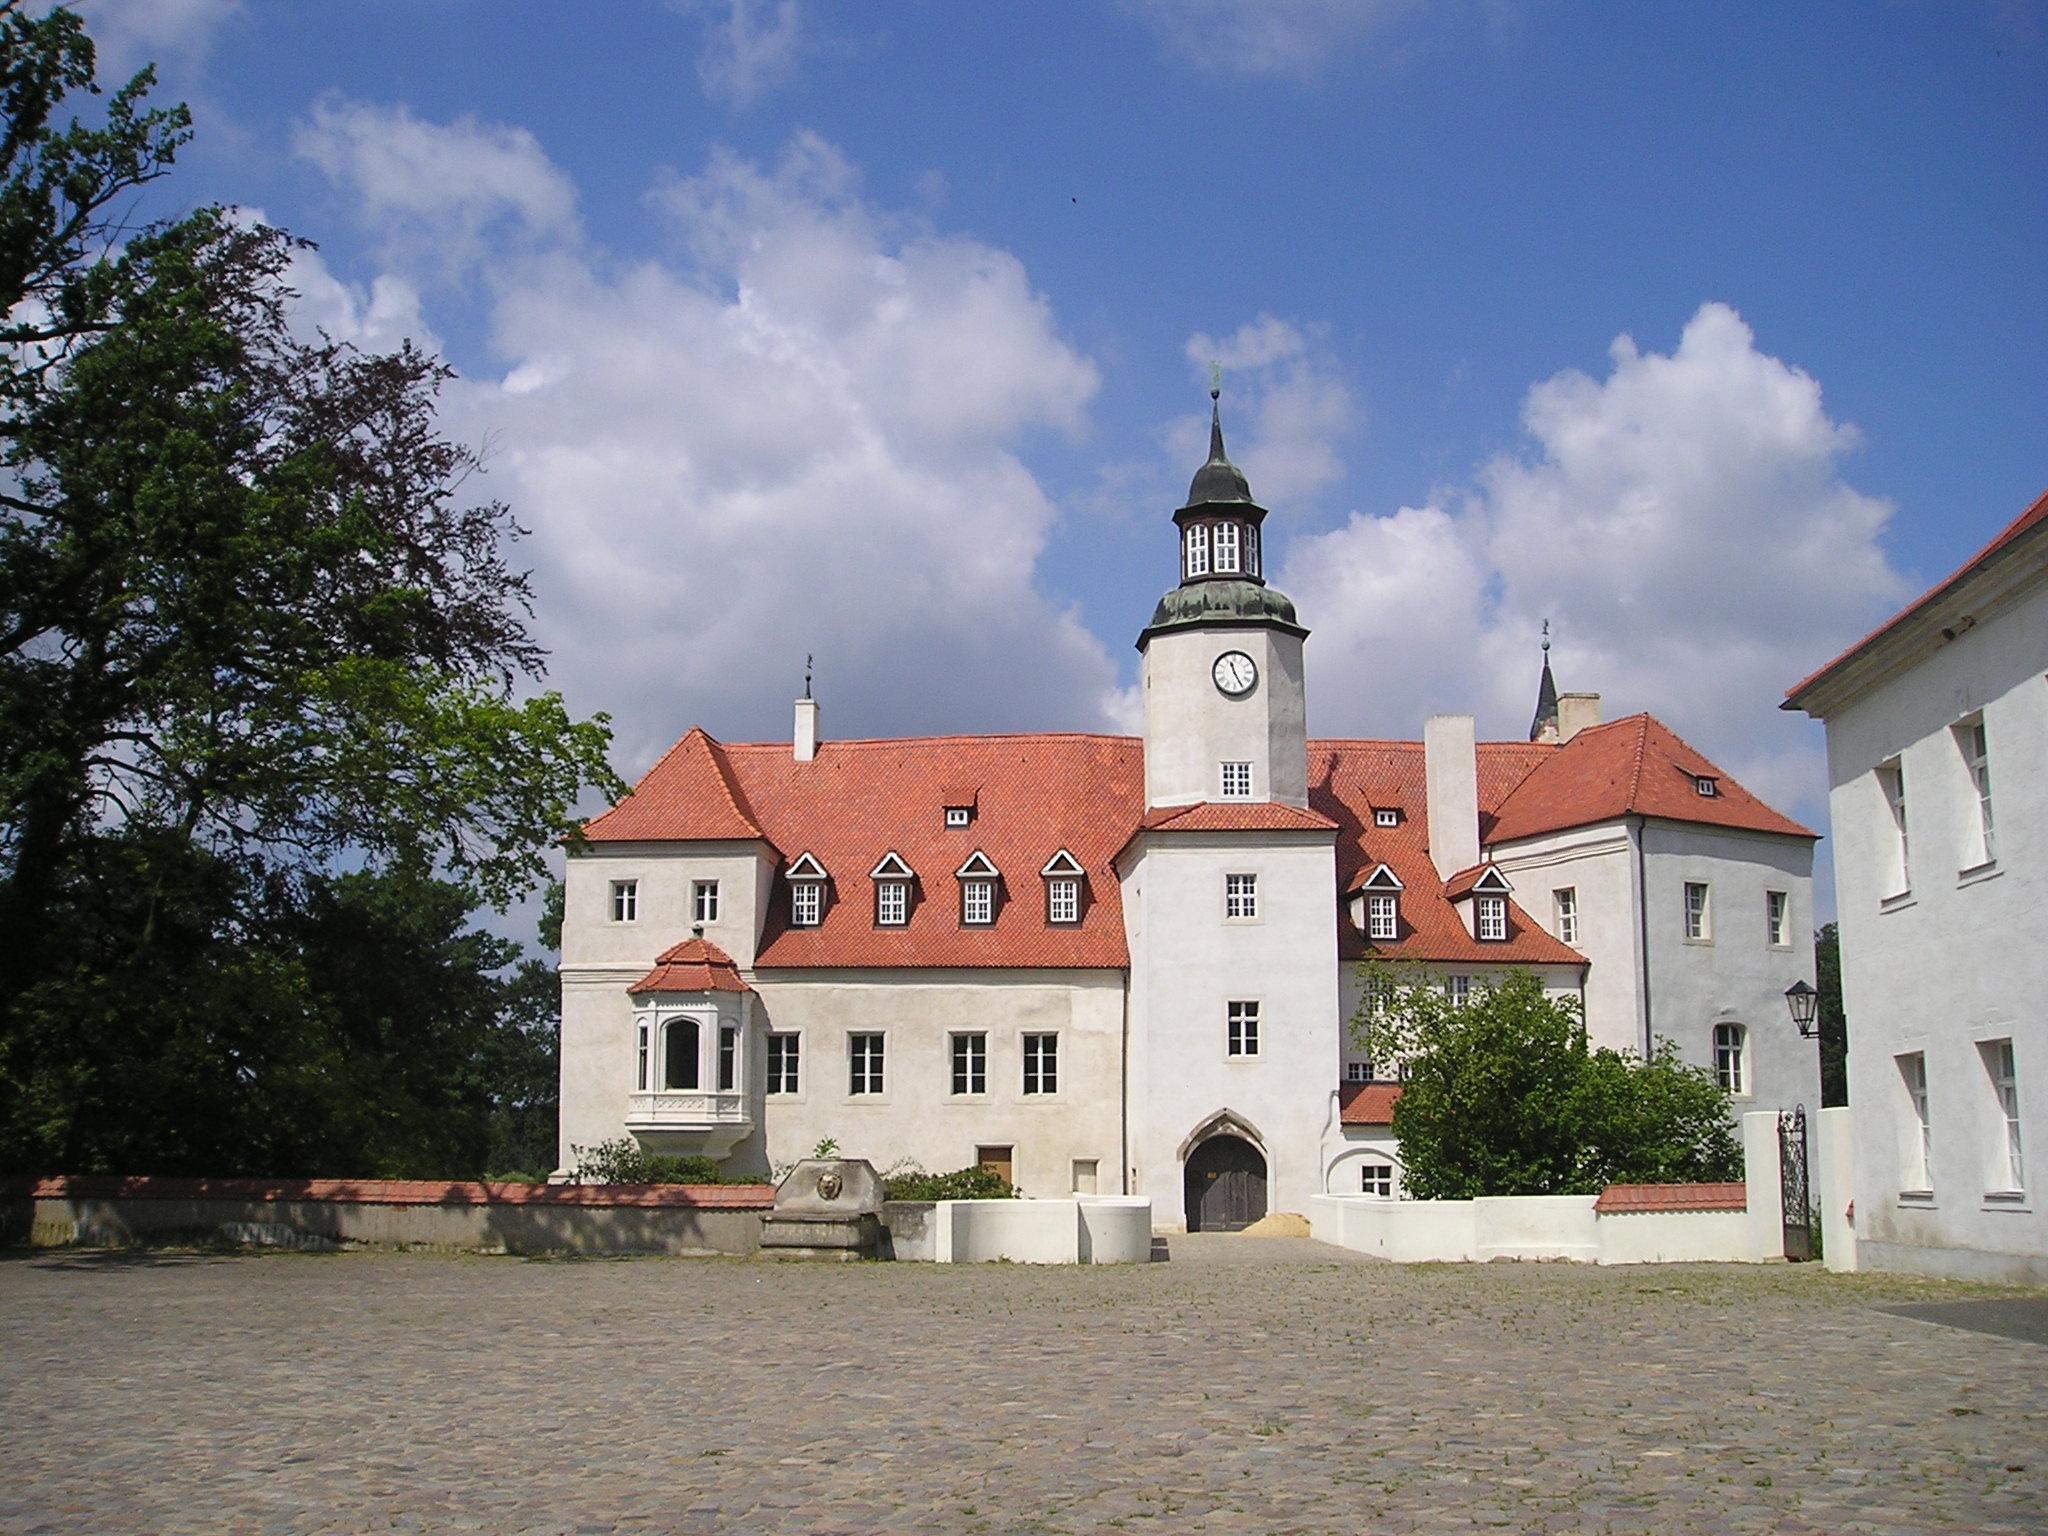 Von der Deutschen Stiftung Denkmalschutz saniert und nun ein Hotel: Schloss Fürstlich Drehna, Foto: D.Weirauch